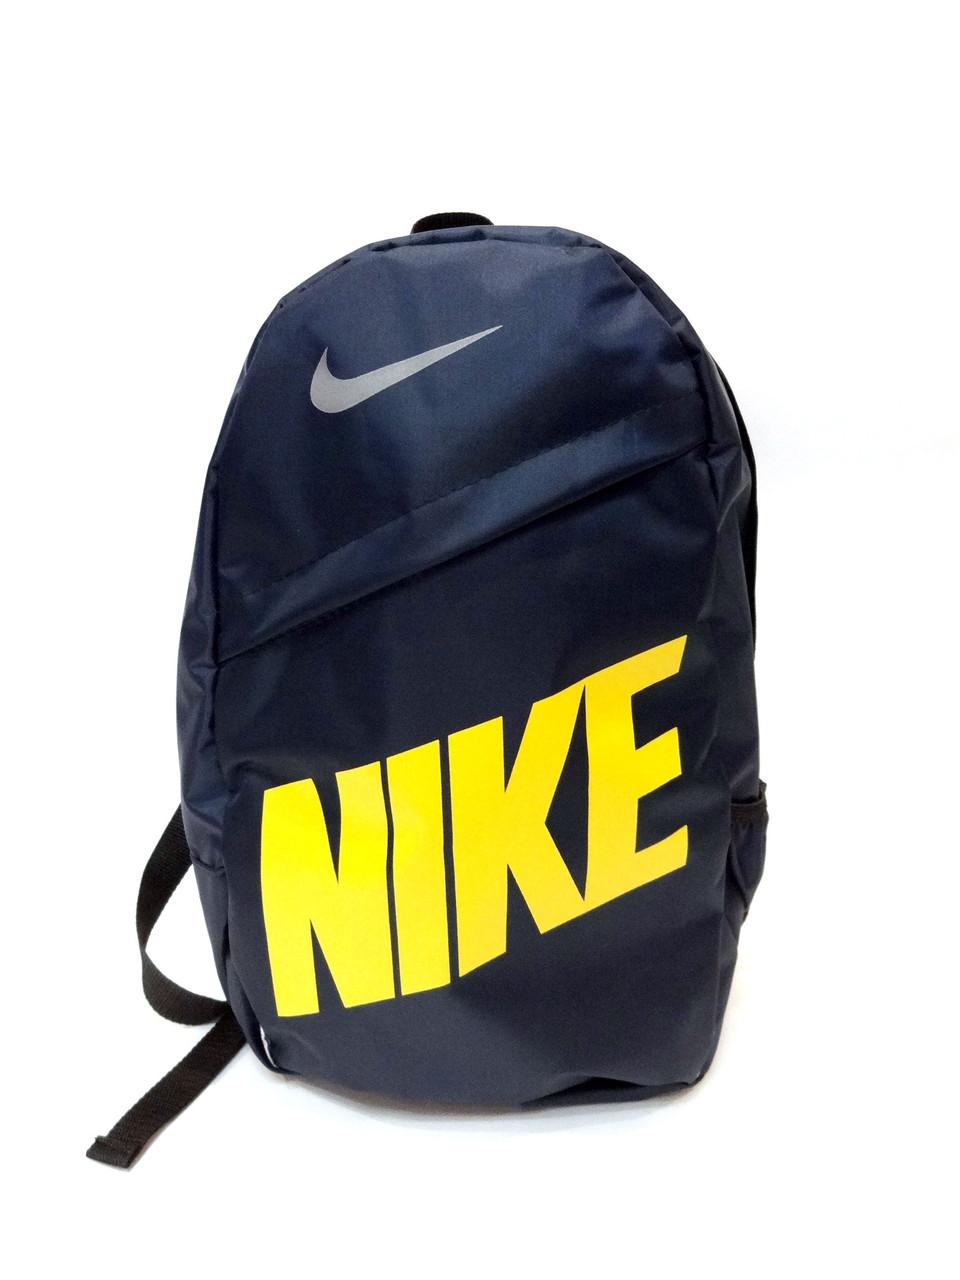 Спортивный рюкзак портфель  Nike (Найк) молодежный. Синий с желтым принтом  - LetsDress-Shop в Днепре